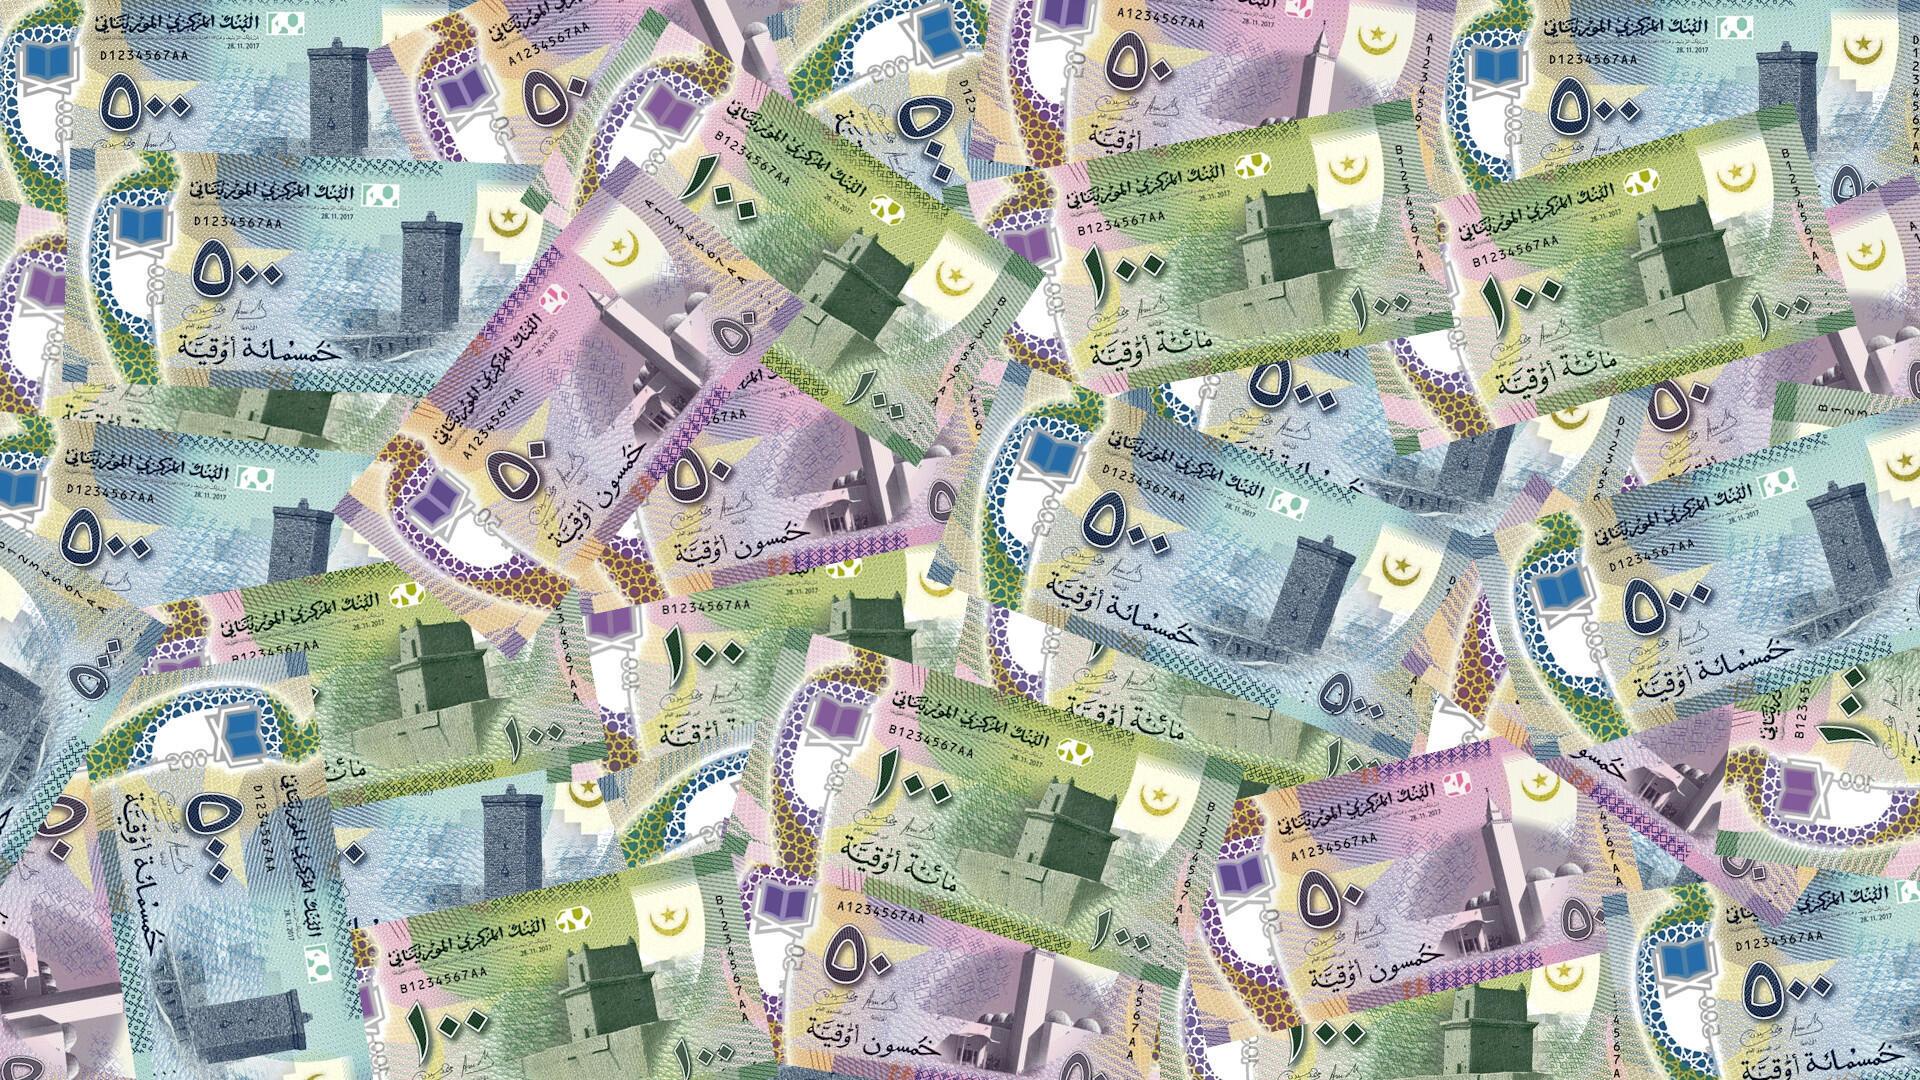 Mauritanian banknotes